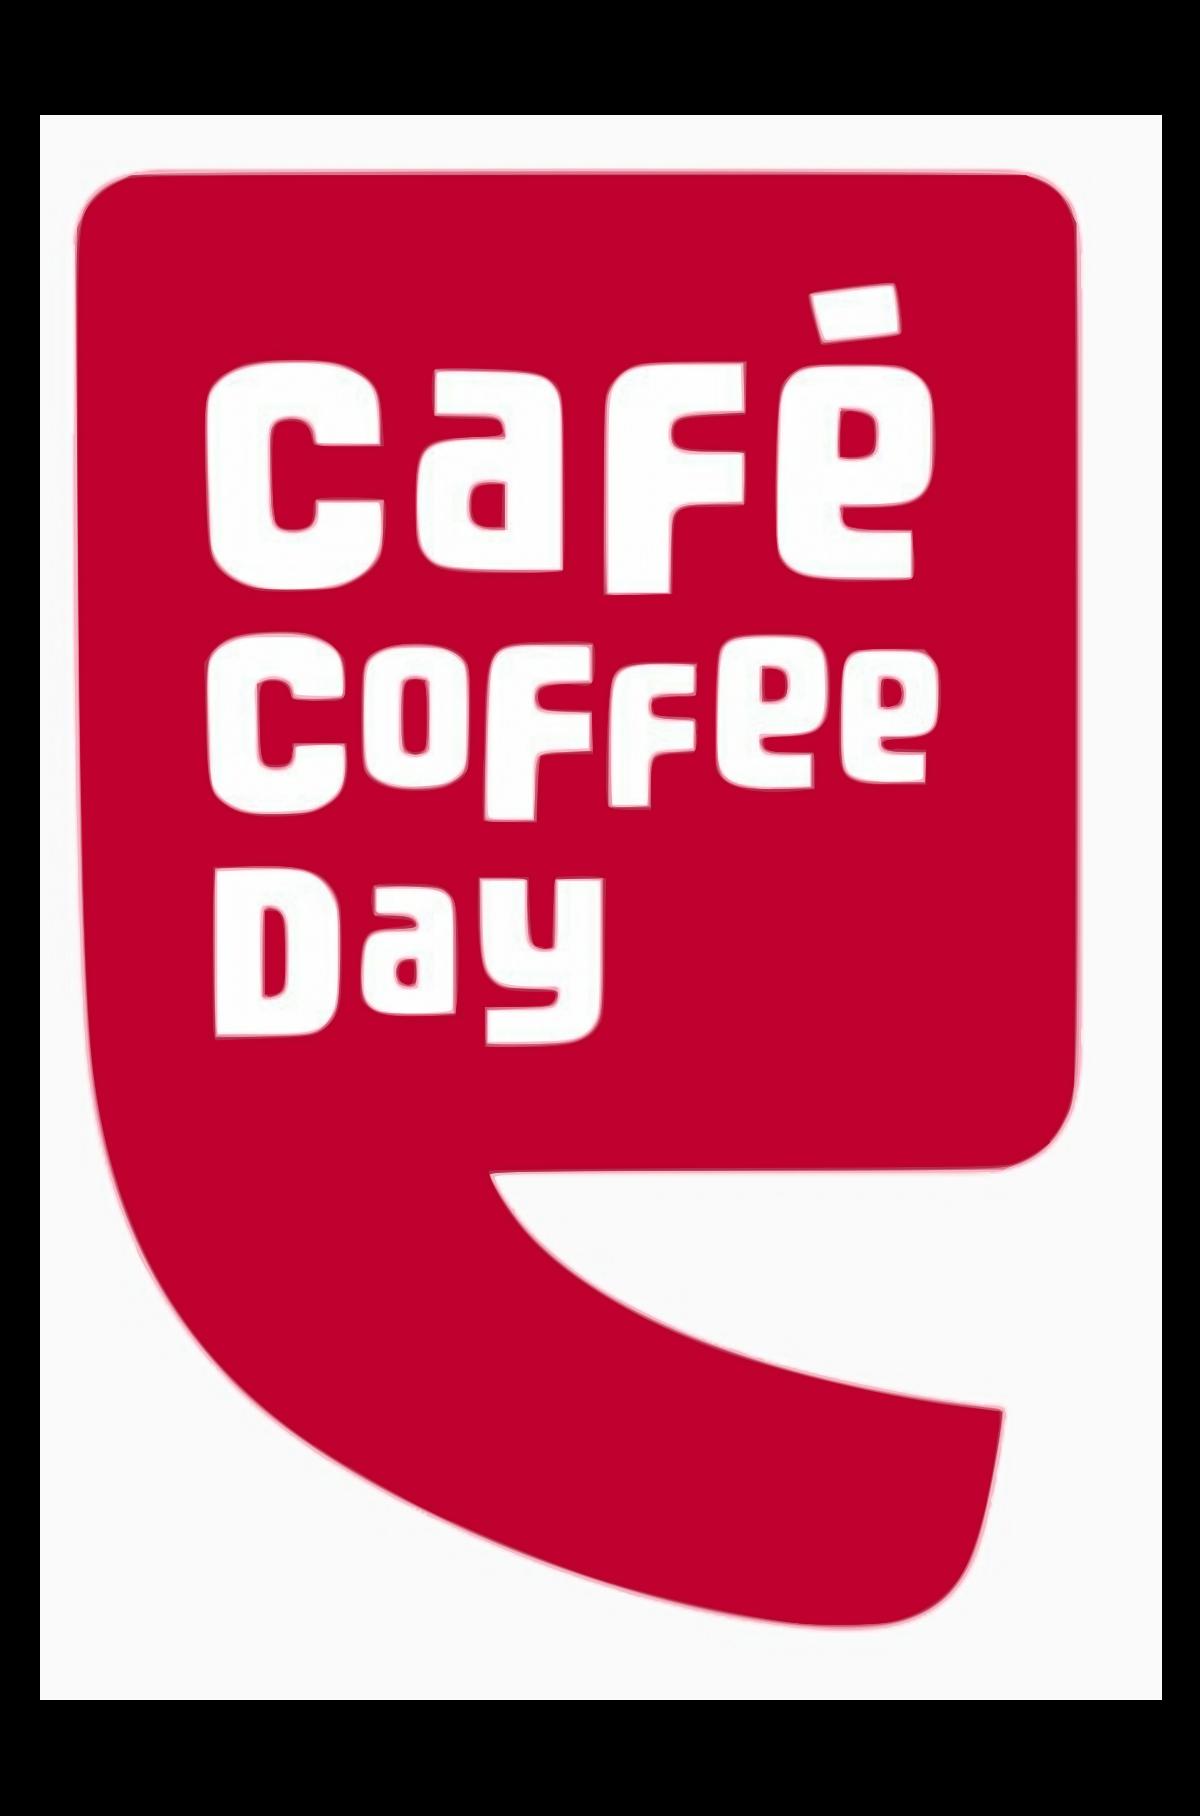 Cafe Coffee Day - Money Centre - Koramangala 7th Block - Bangalore Image